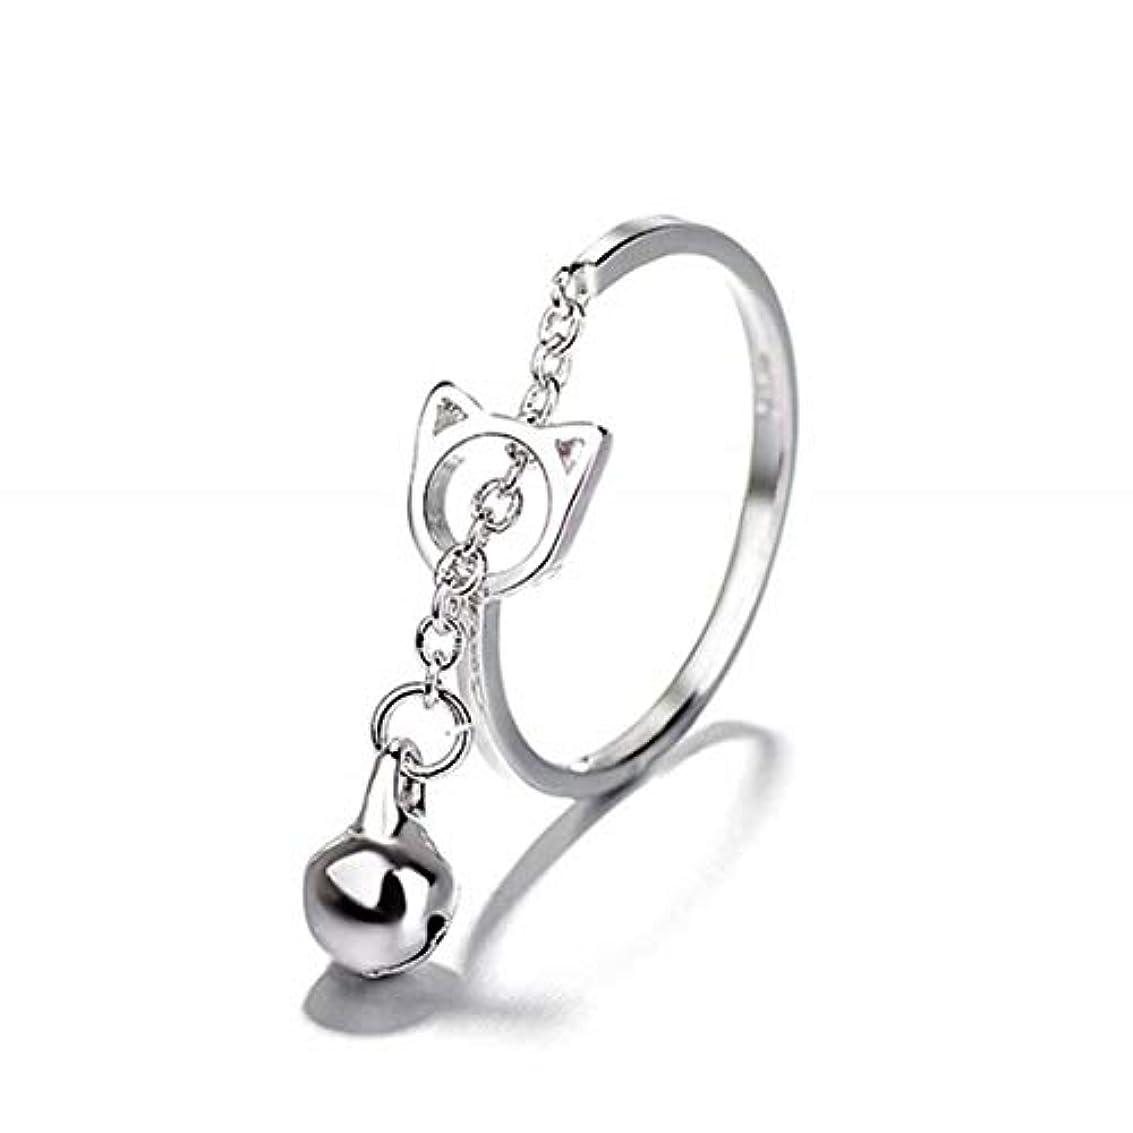 公式圧倒する羨望七里の香 キャットベル リング オープンリング 指輪 フリーサイズ リング レディース 結婚 リング アクセサリー 記念日誕生日 バレンタイン プレゼント